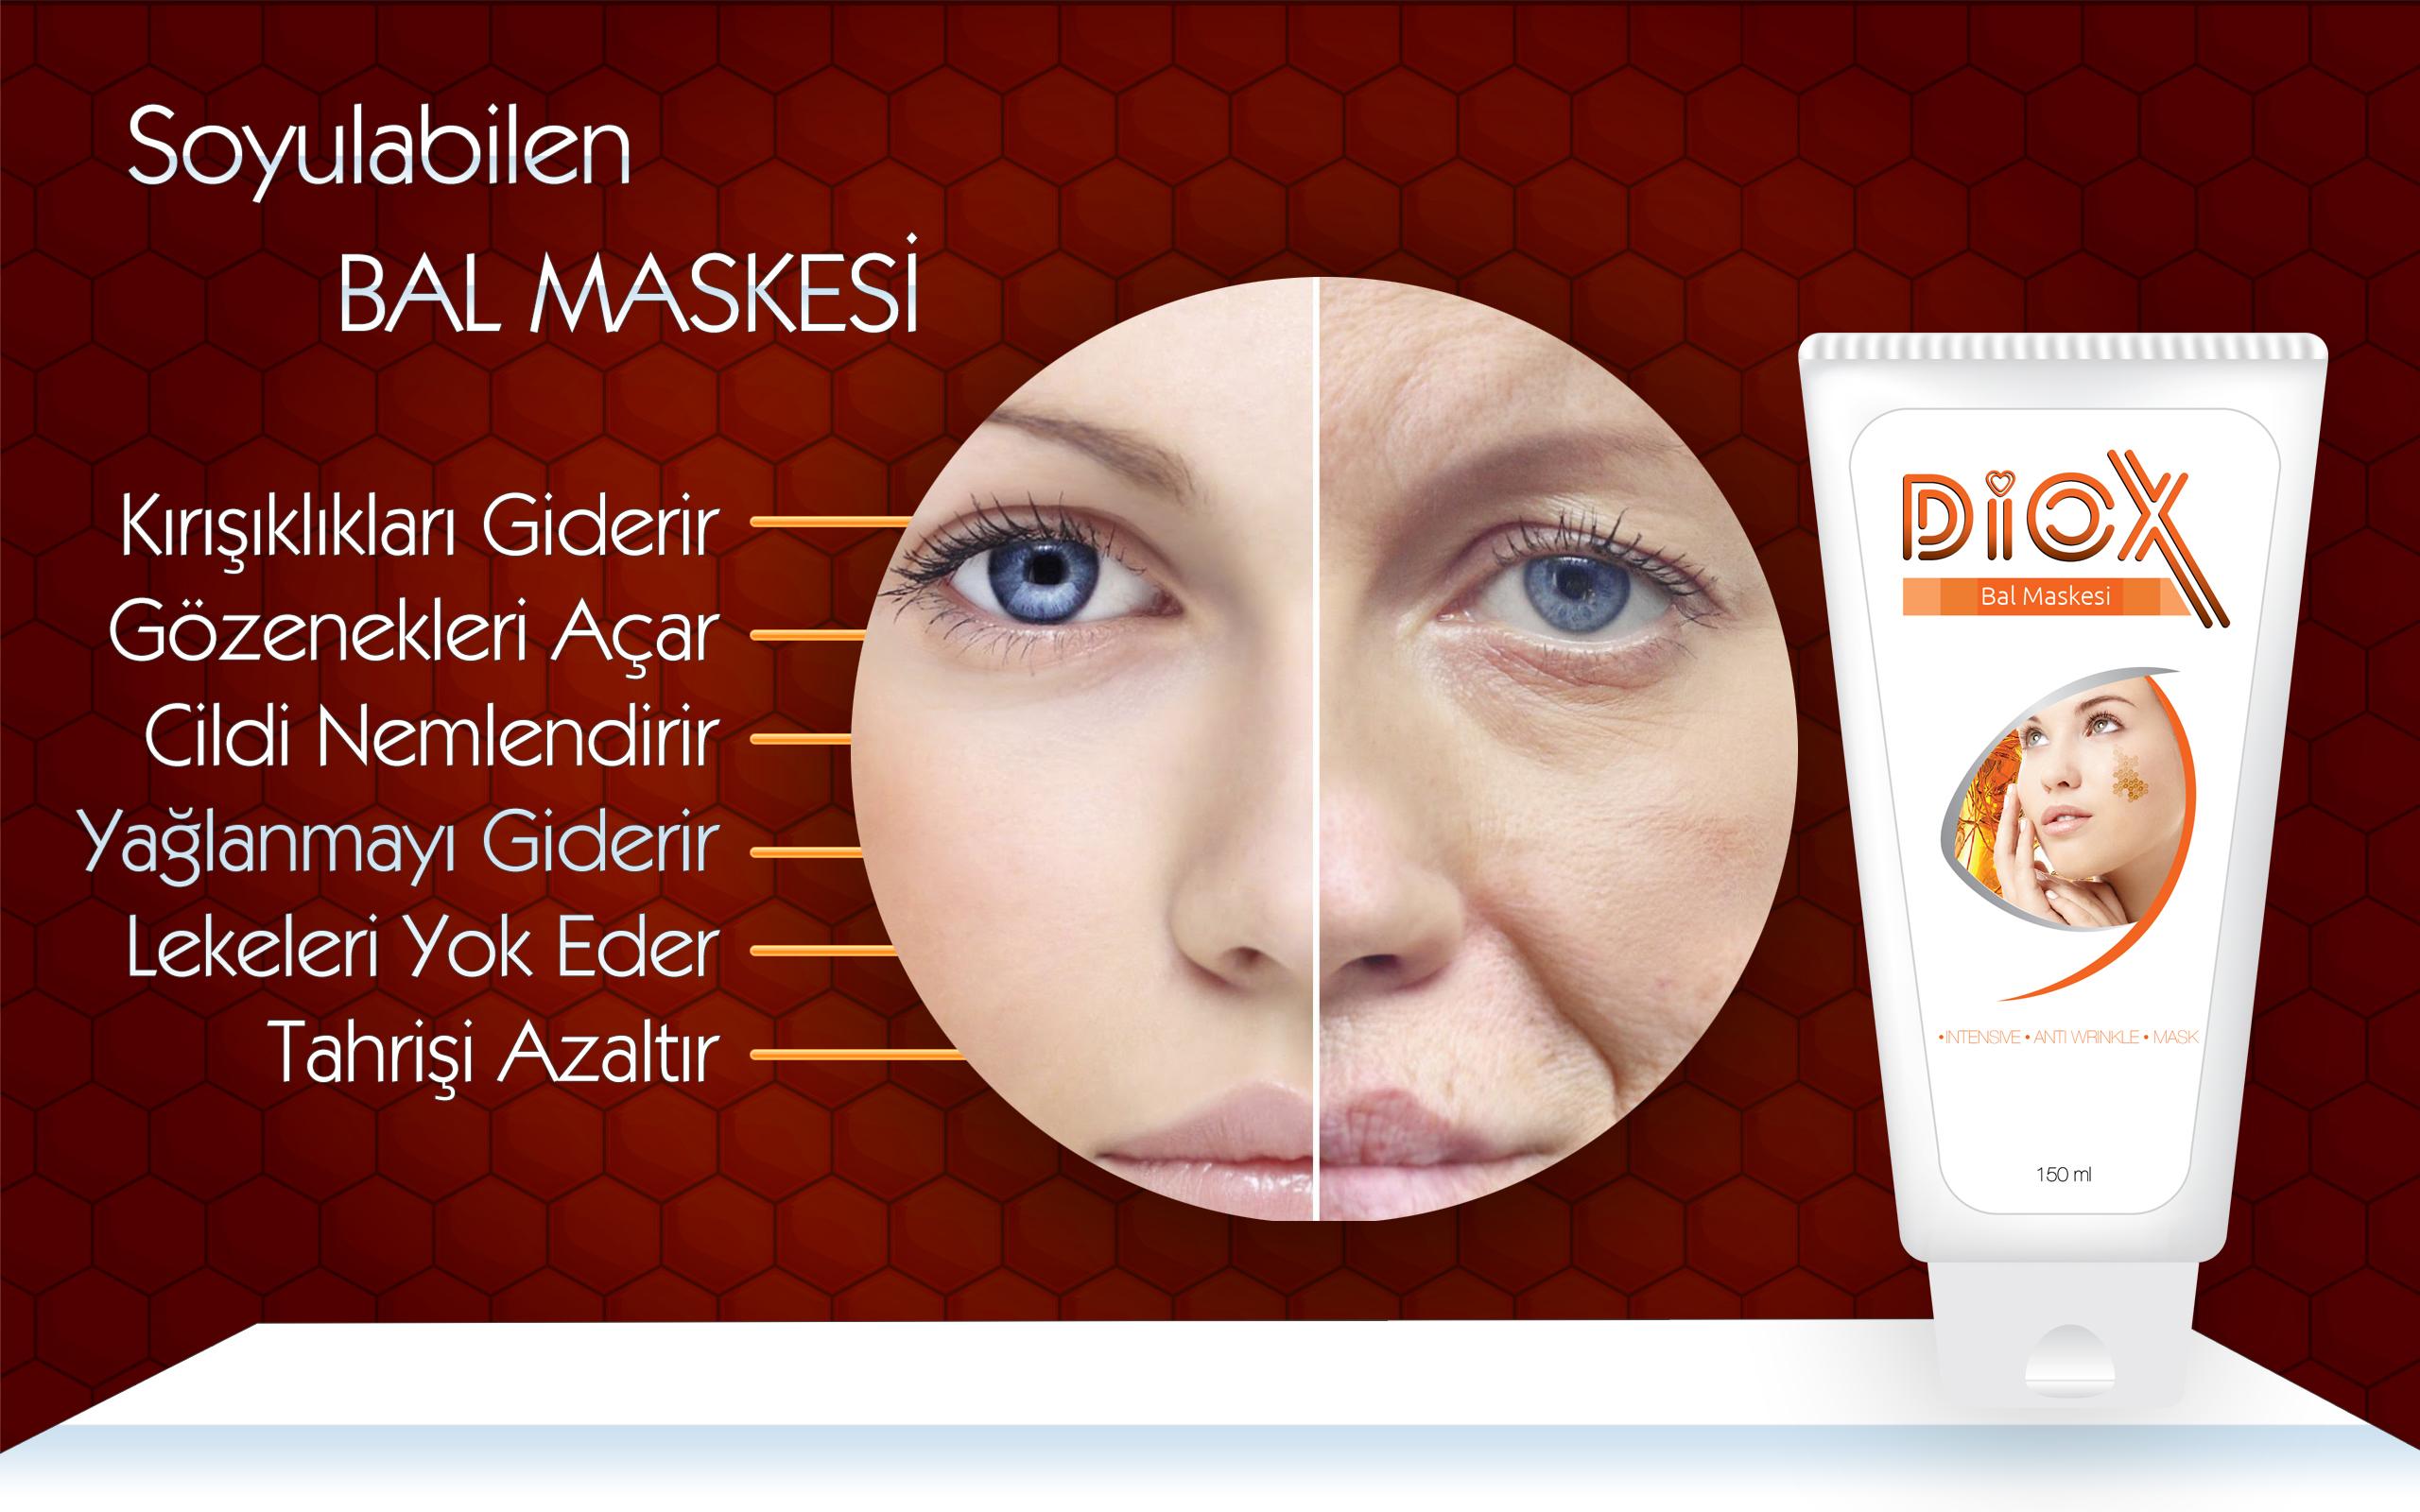 Avokado maskesi ile cilt bakımı ile Etiketlenen Konular 58